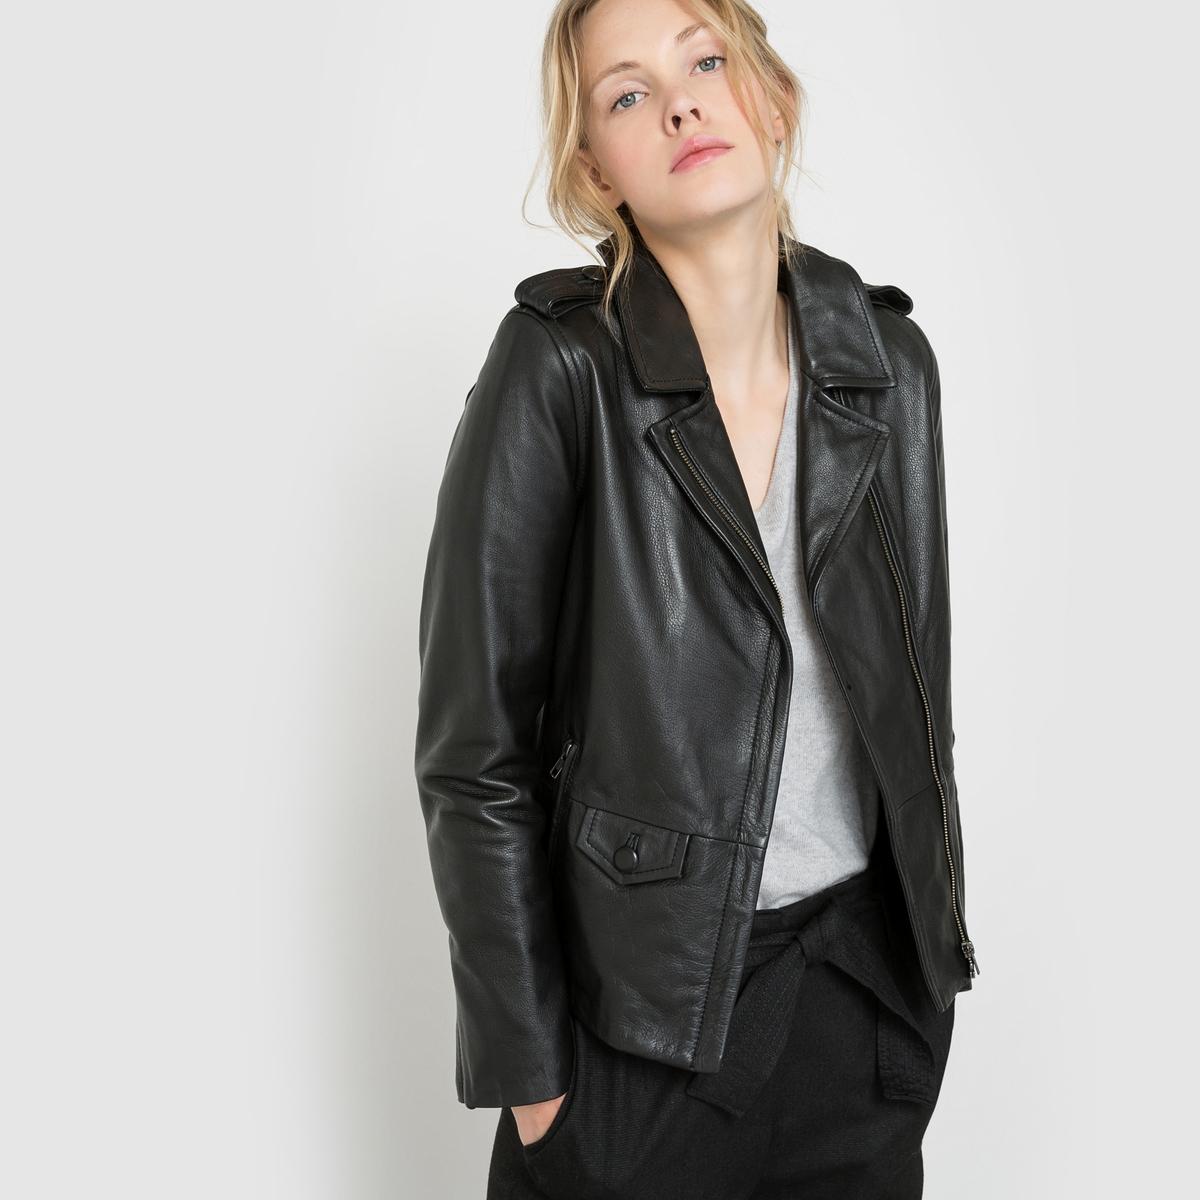 Блузон кожаныйБлузон кожаный. Асимметричная застежка на молнию. 2 боковых кармана и 1 нагрудный карман на молнии. Планки на плечах. Состав и описание : Материал : Кожа (яловичная)Подкладка : 100% полиэстерДлина : 60 смМарка : R studio<br><br>Цвет: охра,черный